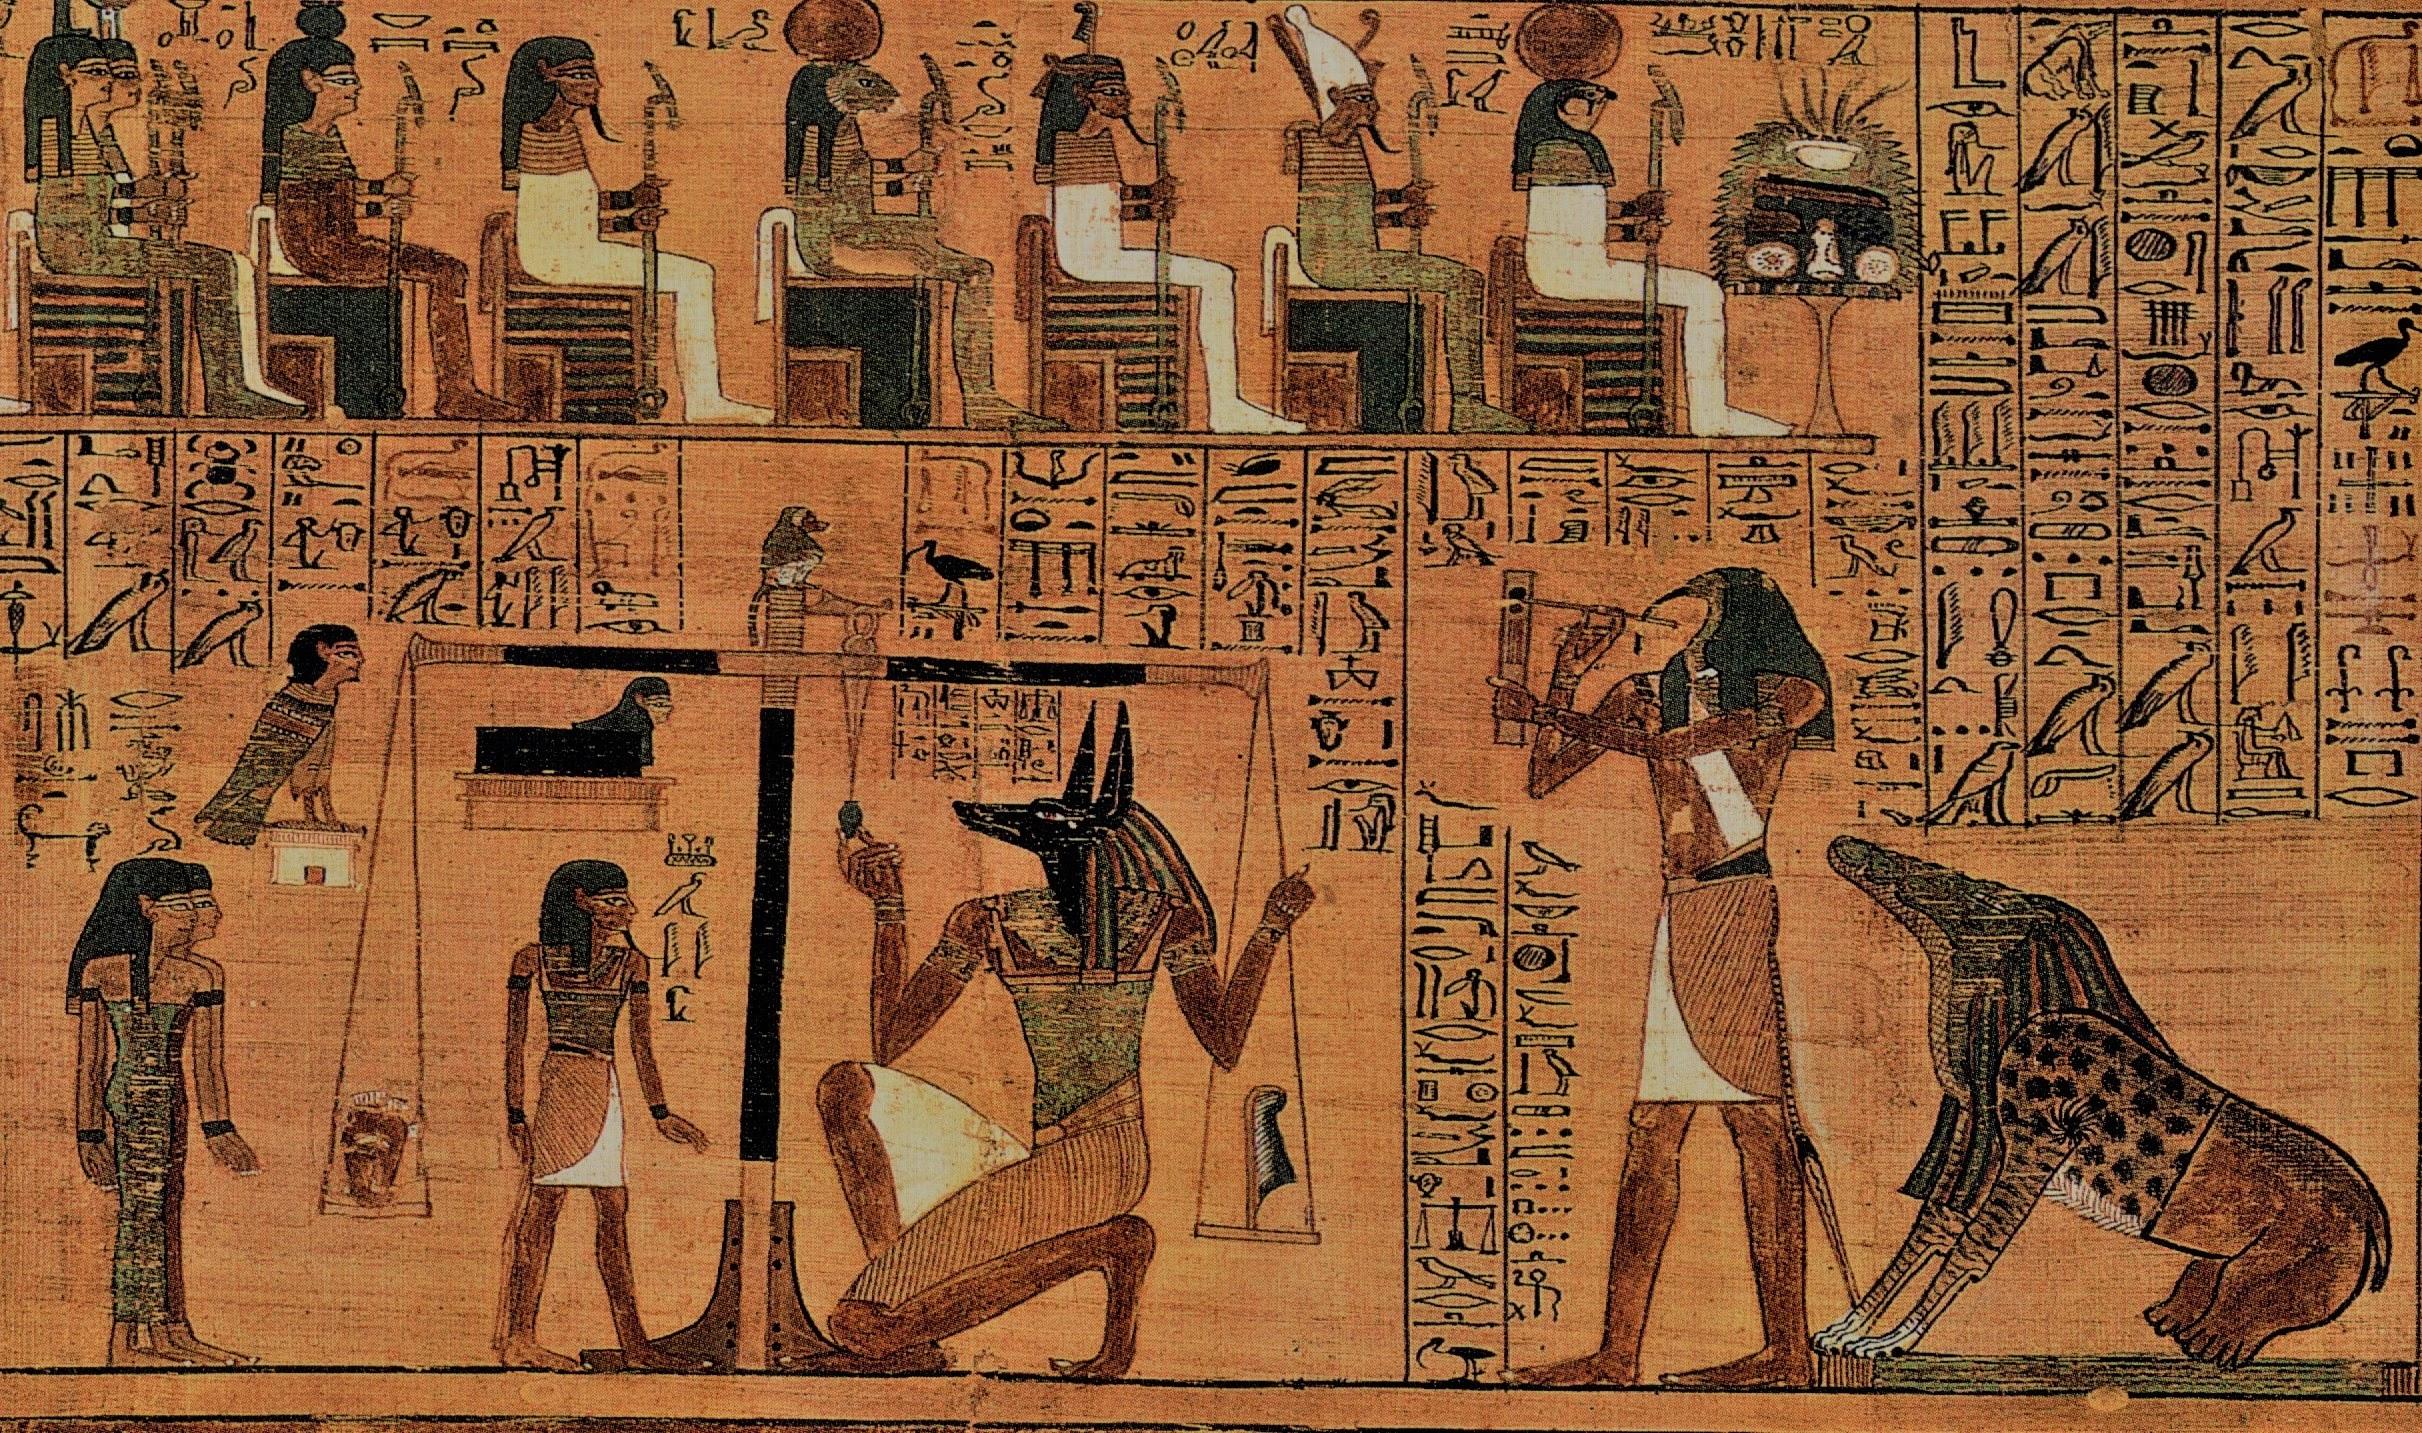 El Juicio de Osiris, imagenes del dios anubis, dios egipcio con cabeza de perro